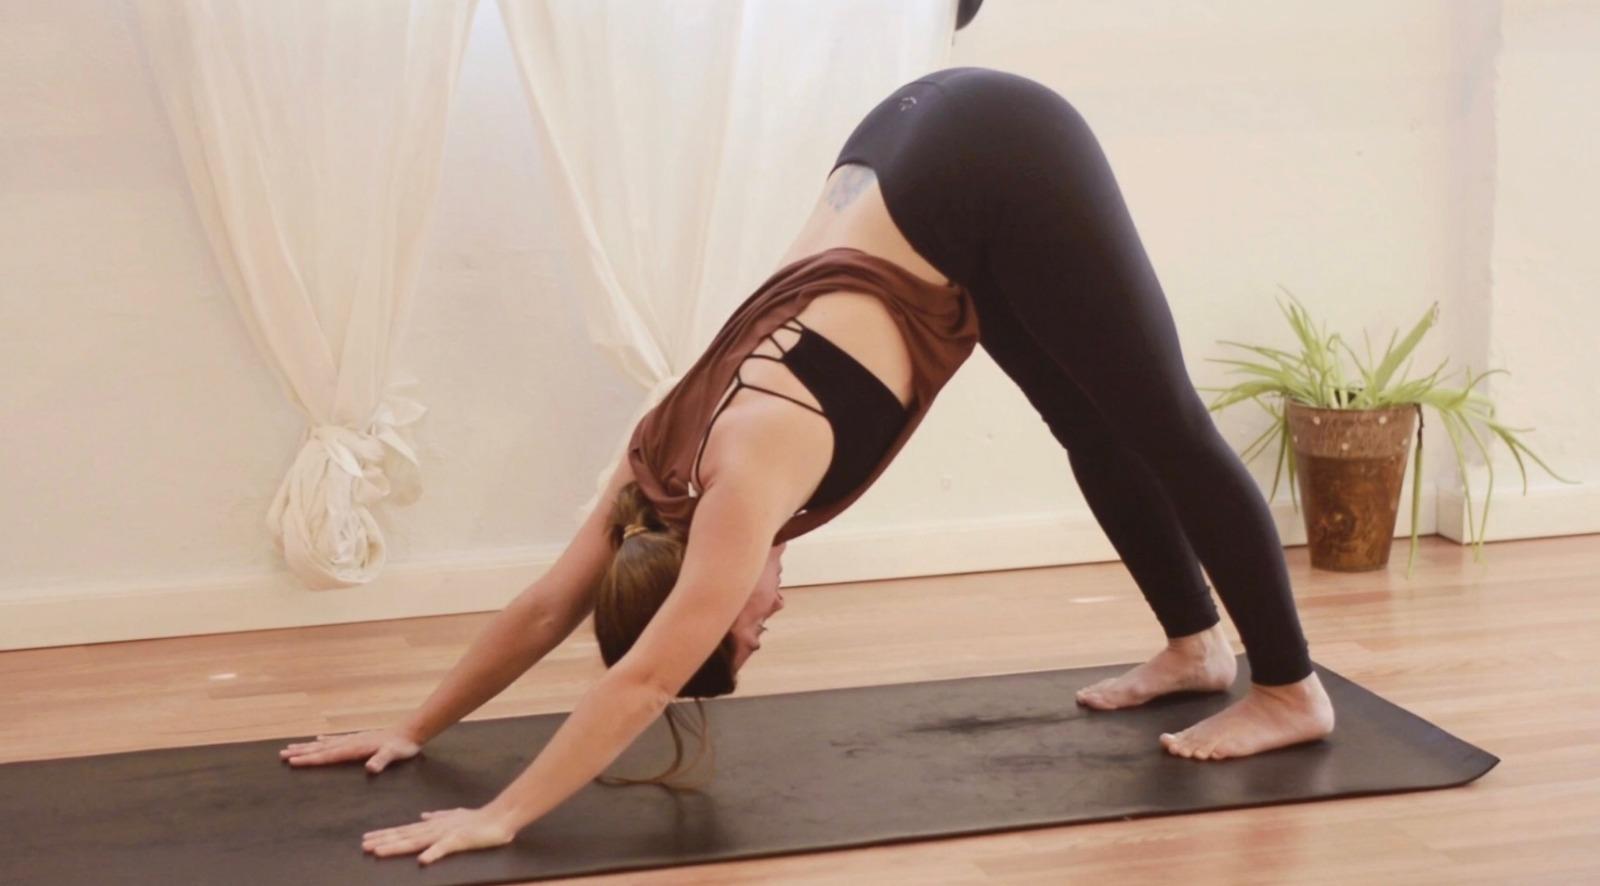 Doma tu período: una secuencia de Casa Yoga para una regla tranquila